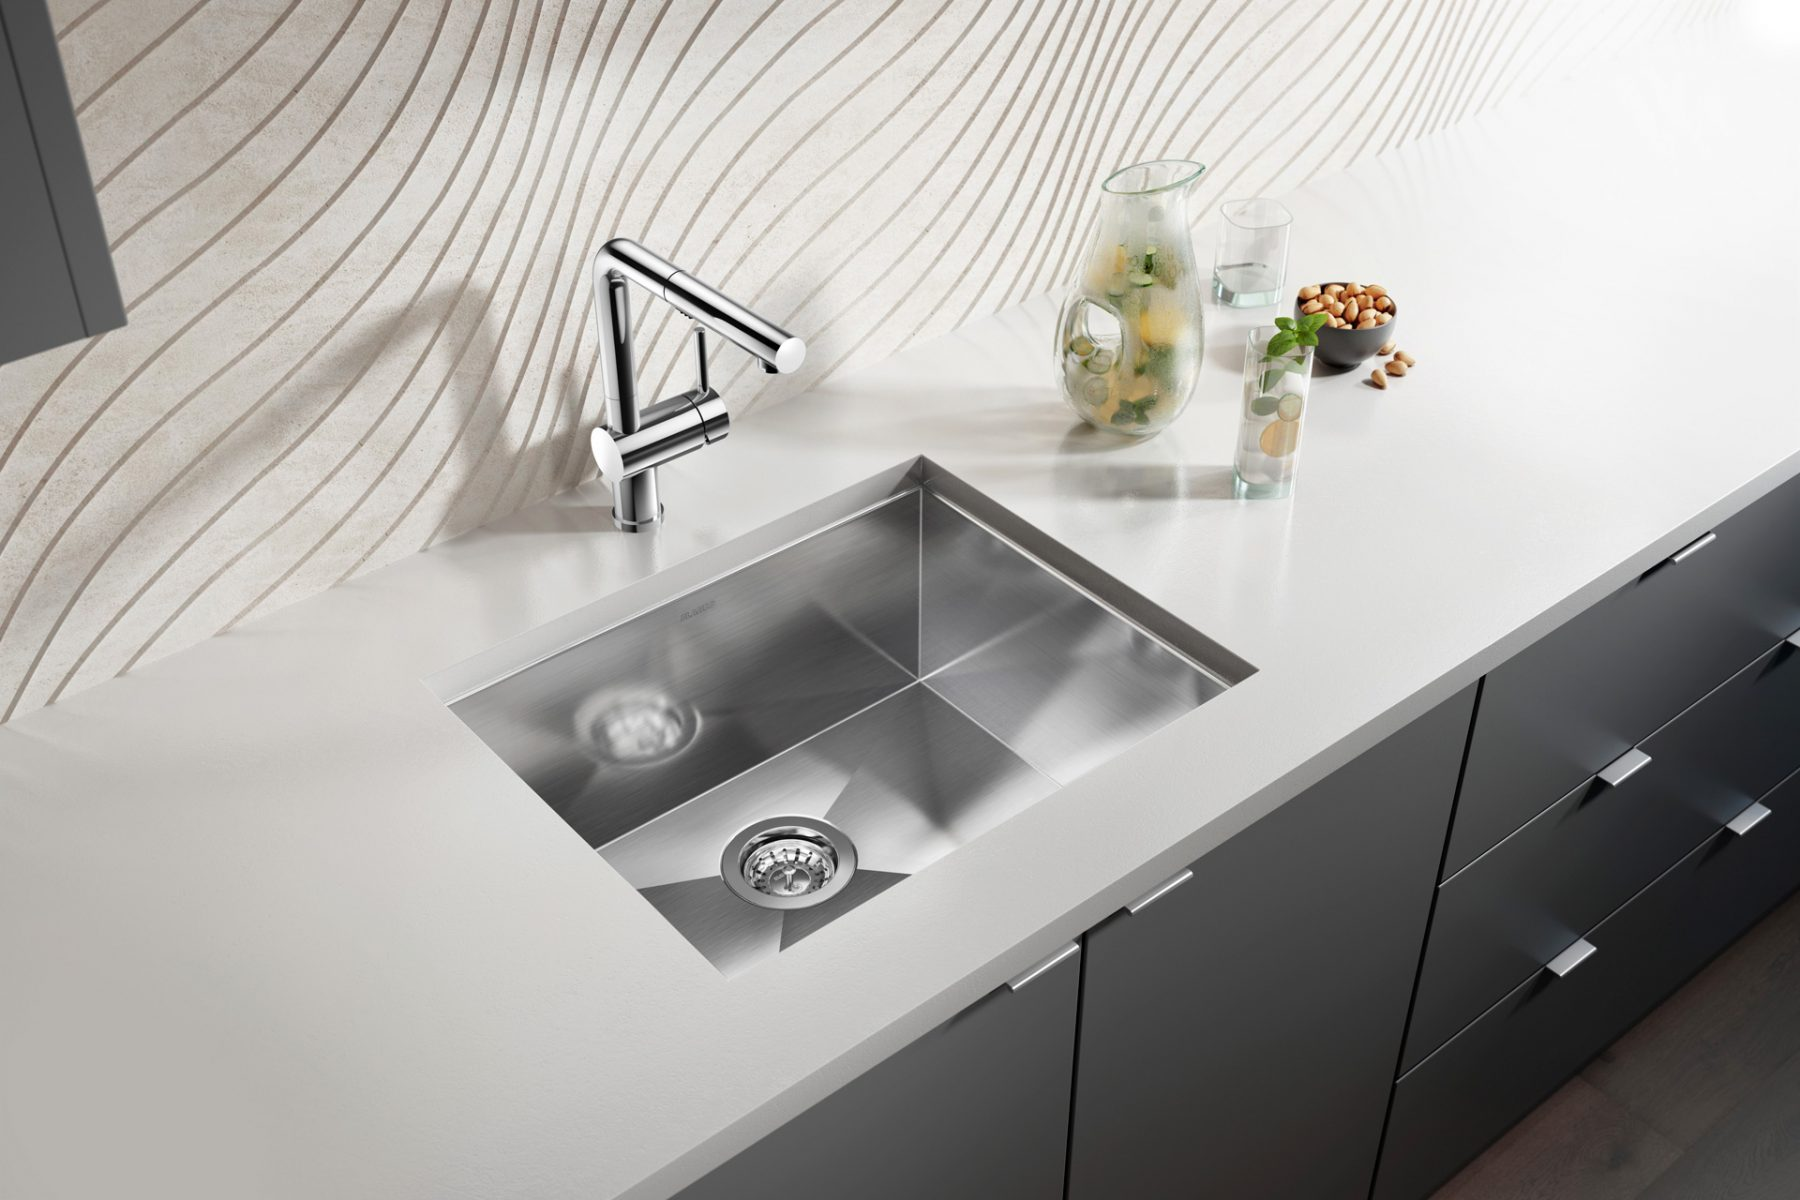 3d-imagery-maker-modern-sink-faucet